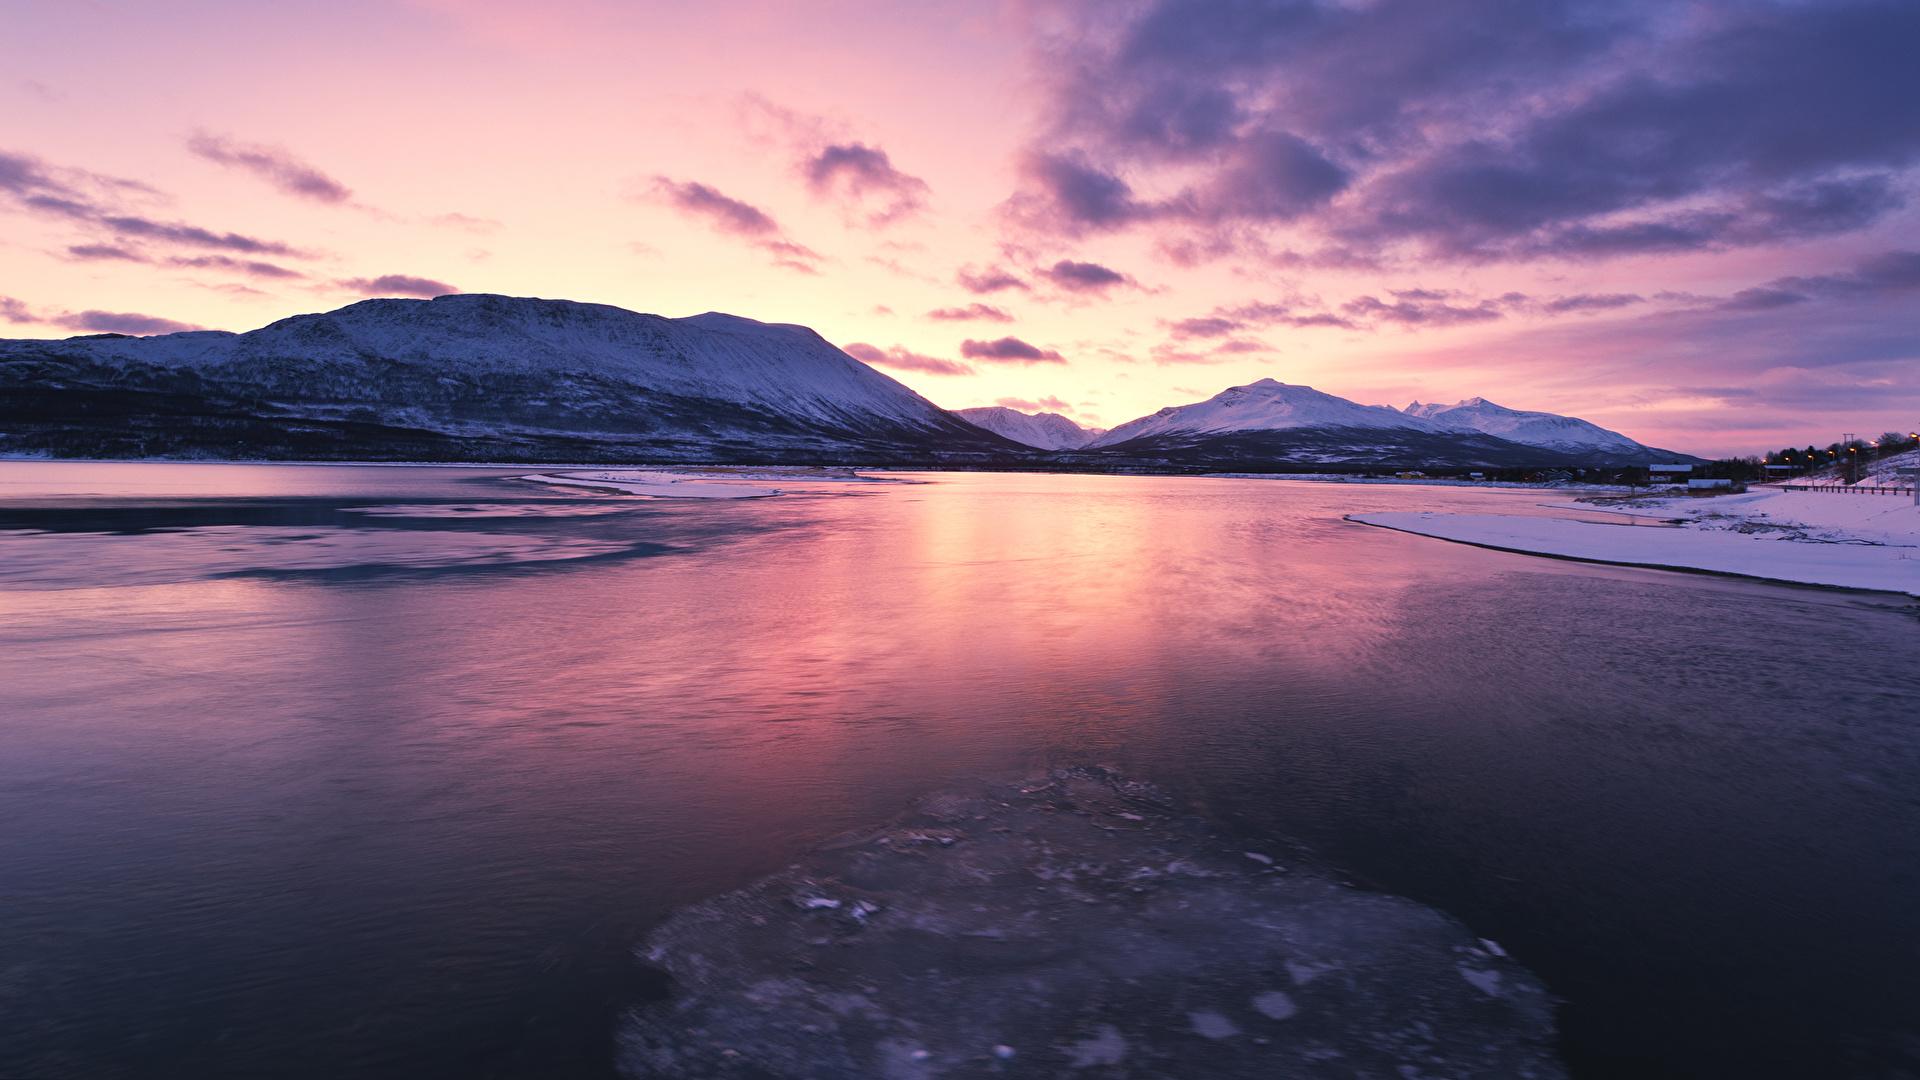 Фотография Лофотенские острова Норвегия Зима Горы Природа Рассветы и закаты Залив 1920x1080 зимние